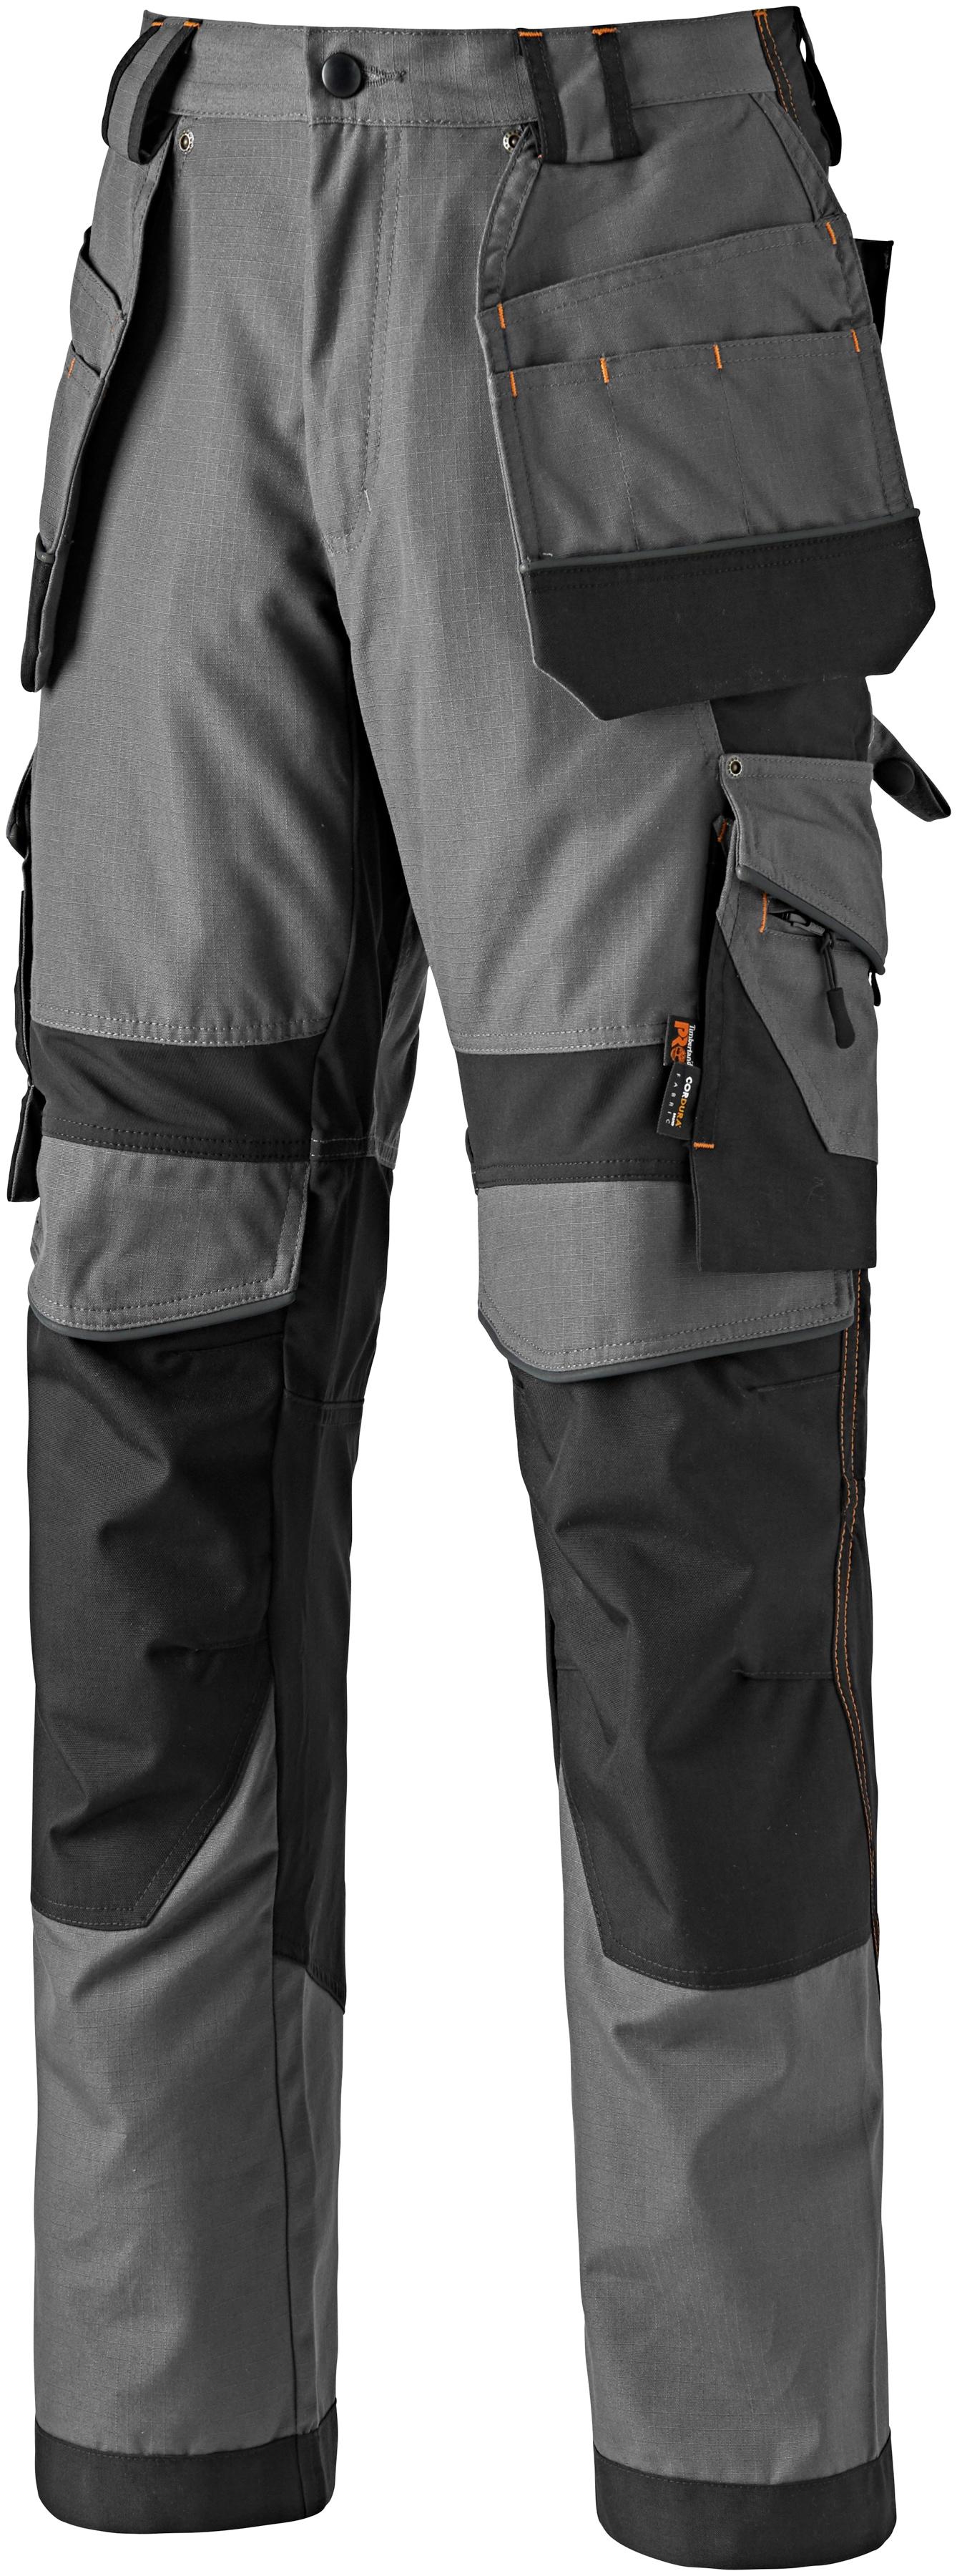 Timberland Pro Arbeitshose Interax, mit recycelten Materialien und Bio-Baumwolle grau Herren Arbeitshosen Arbeits- Berufsbekleidung